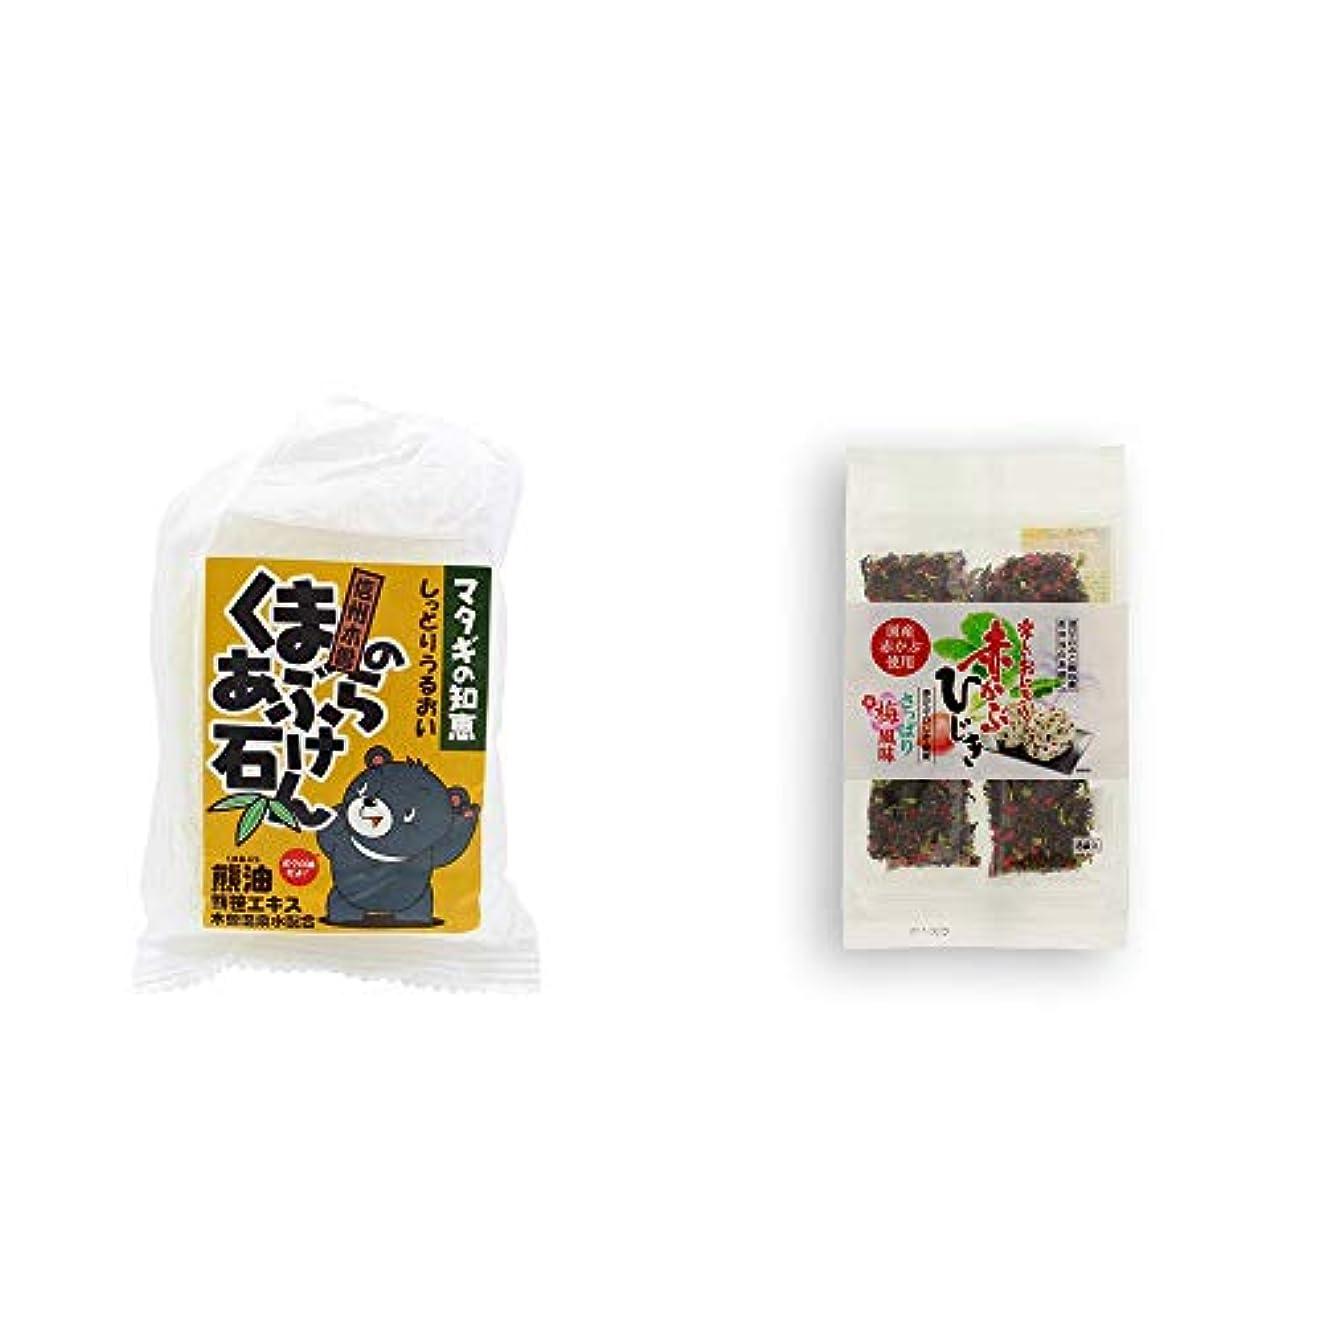 配管工飢パワー[2点セット] 信州木曽 くまのあぶら石けん(80g)?楽しいおにぎり 赤かぶひじき(8g×8袋)